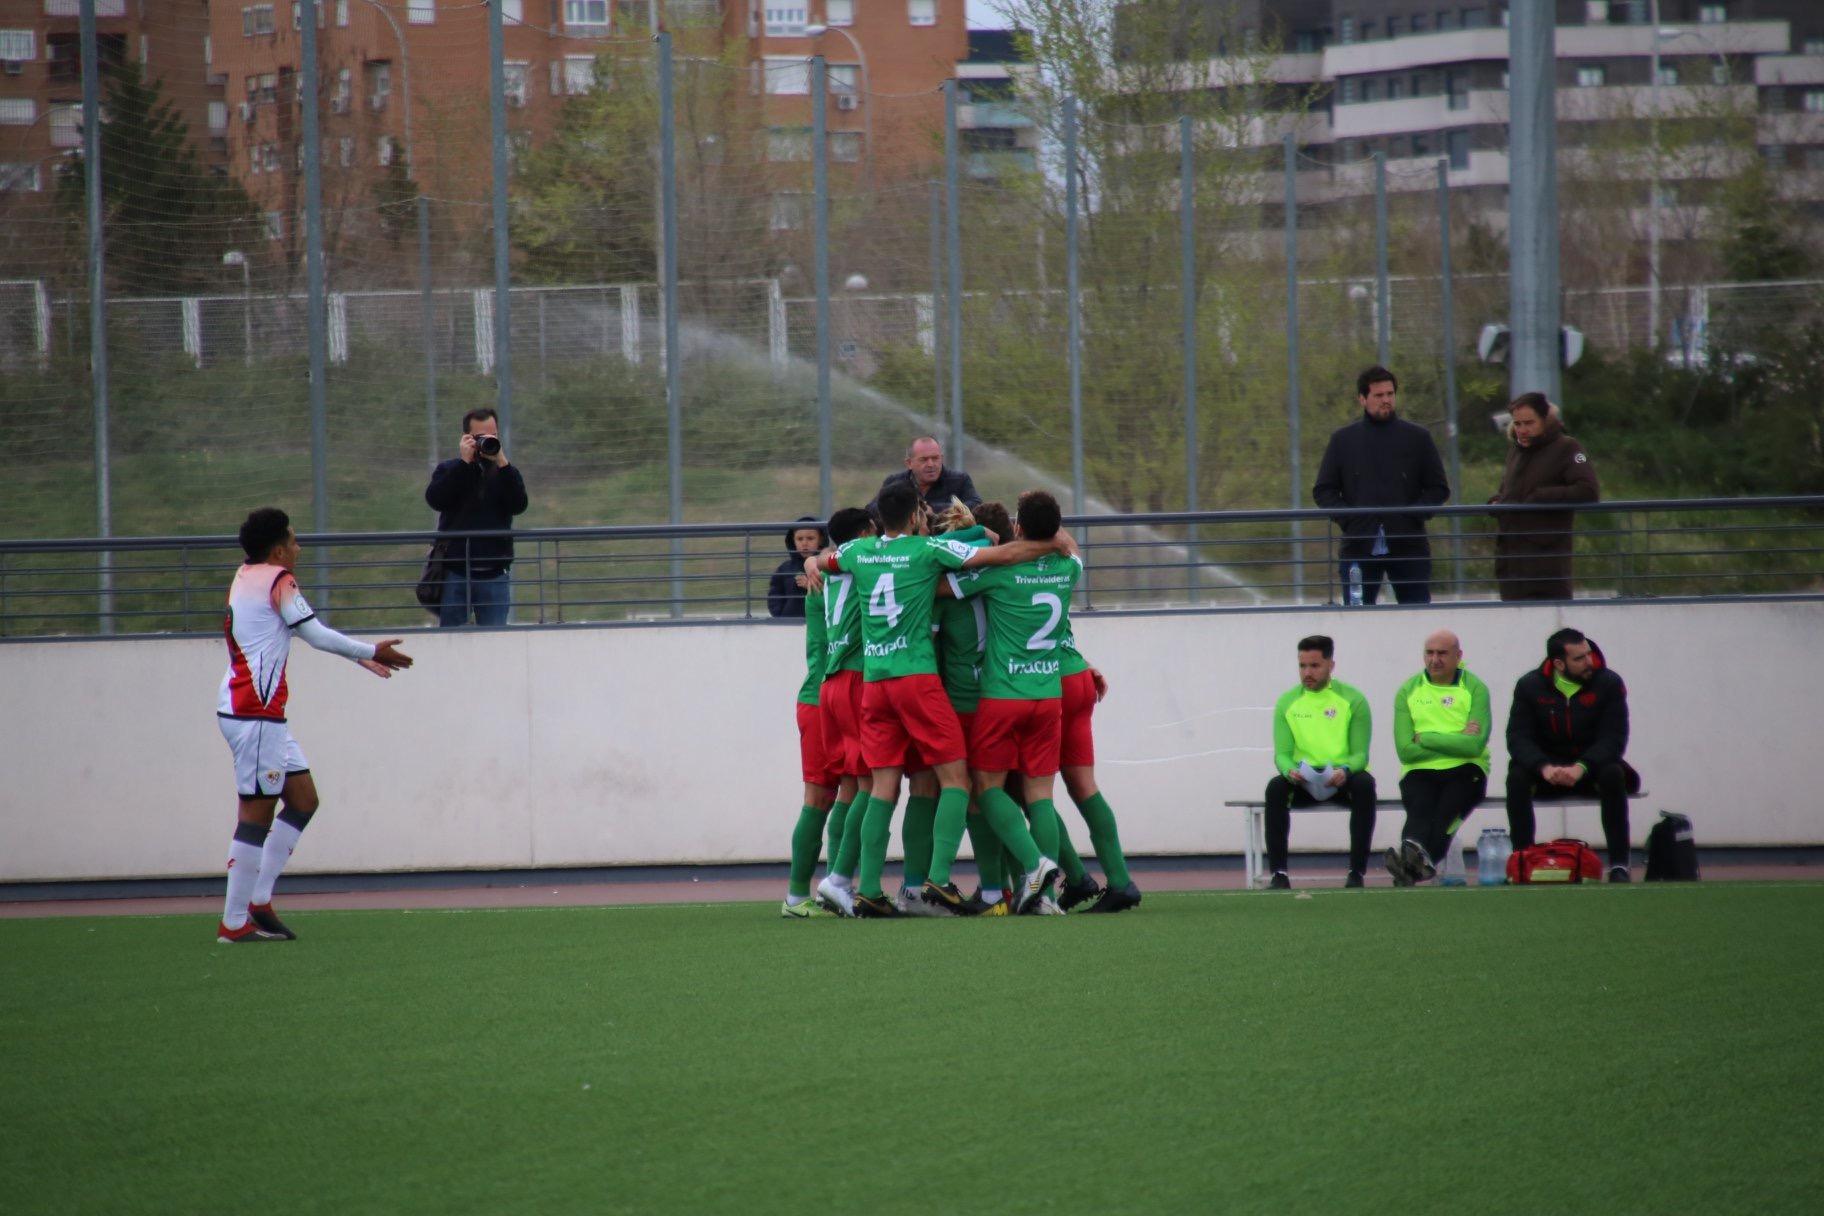 sdsCRÓNICA TERCERA | Victoria frente al filial vallecano que sitúa al equipo en la cuarta plaza